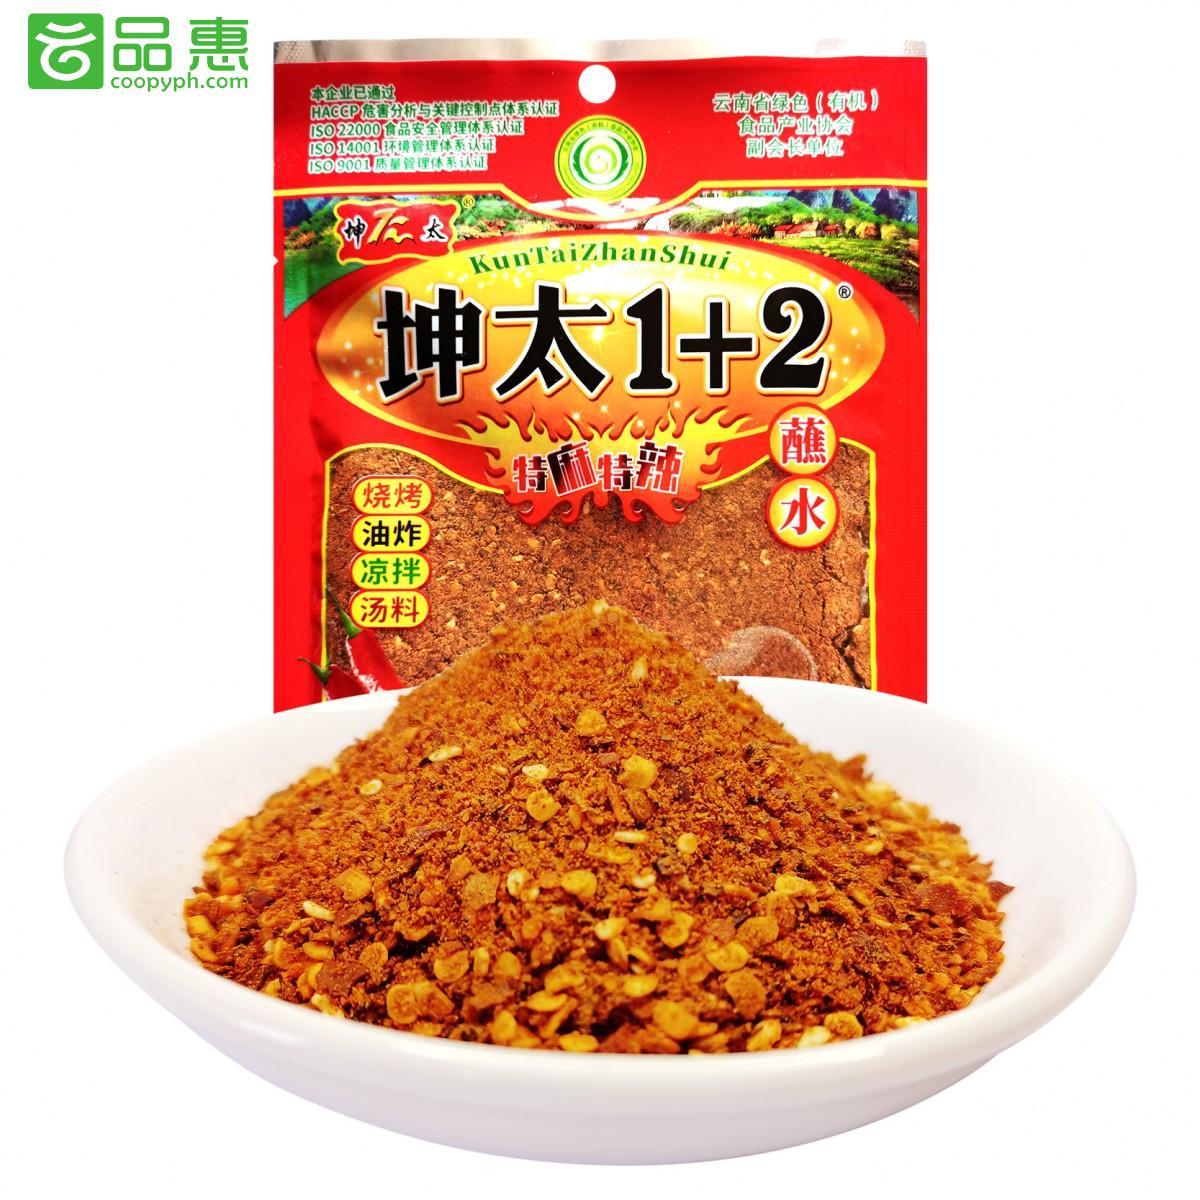 云南供销定点扶贫产品|宣威坤太1+2蘸水150g*3袋 特麻特辣